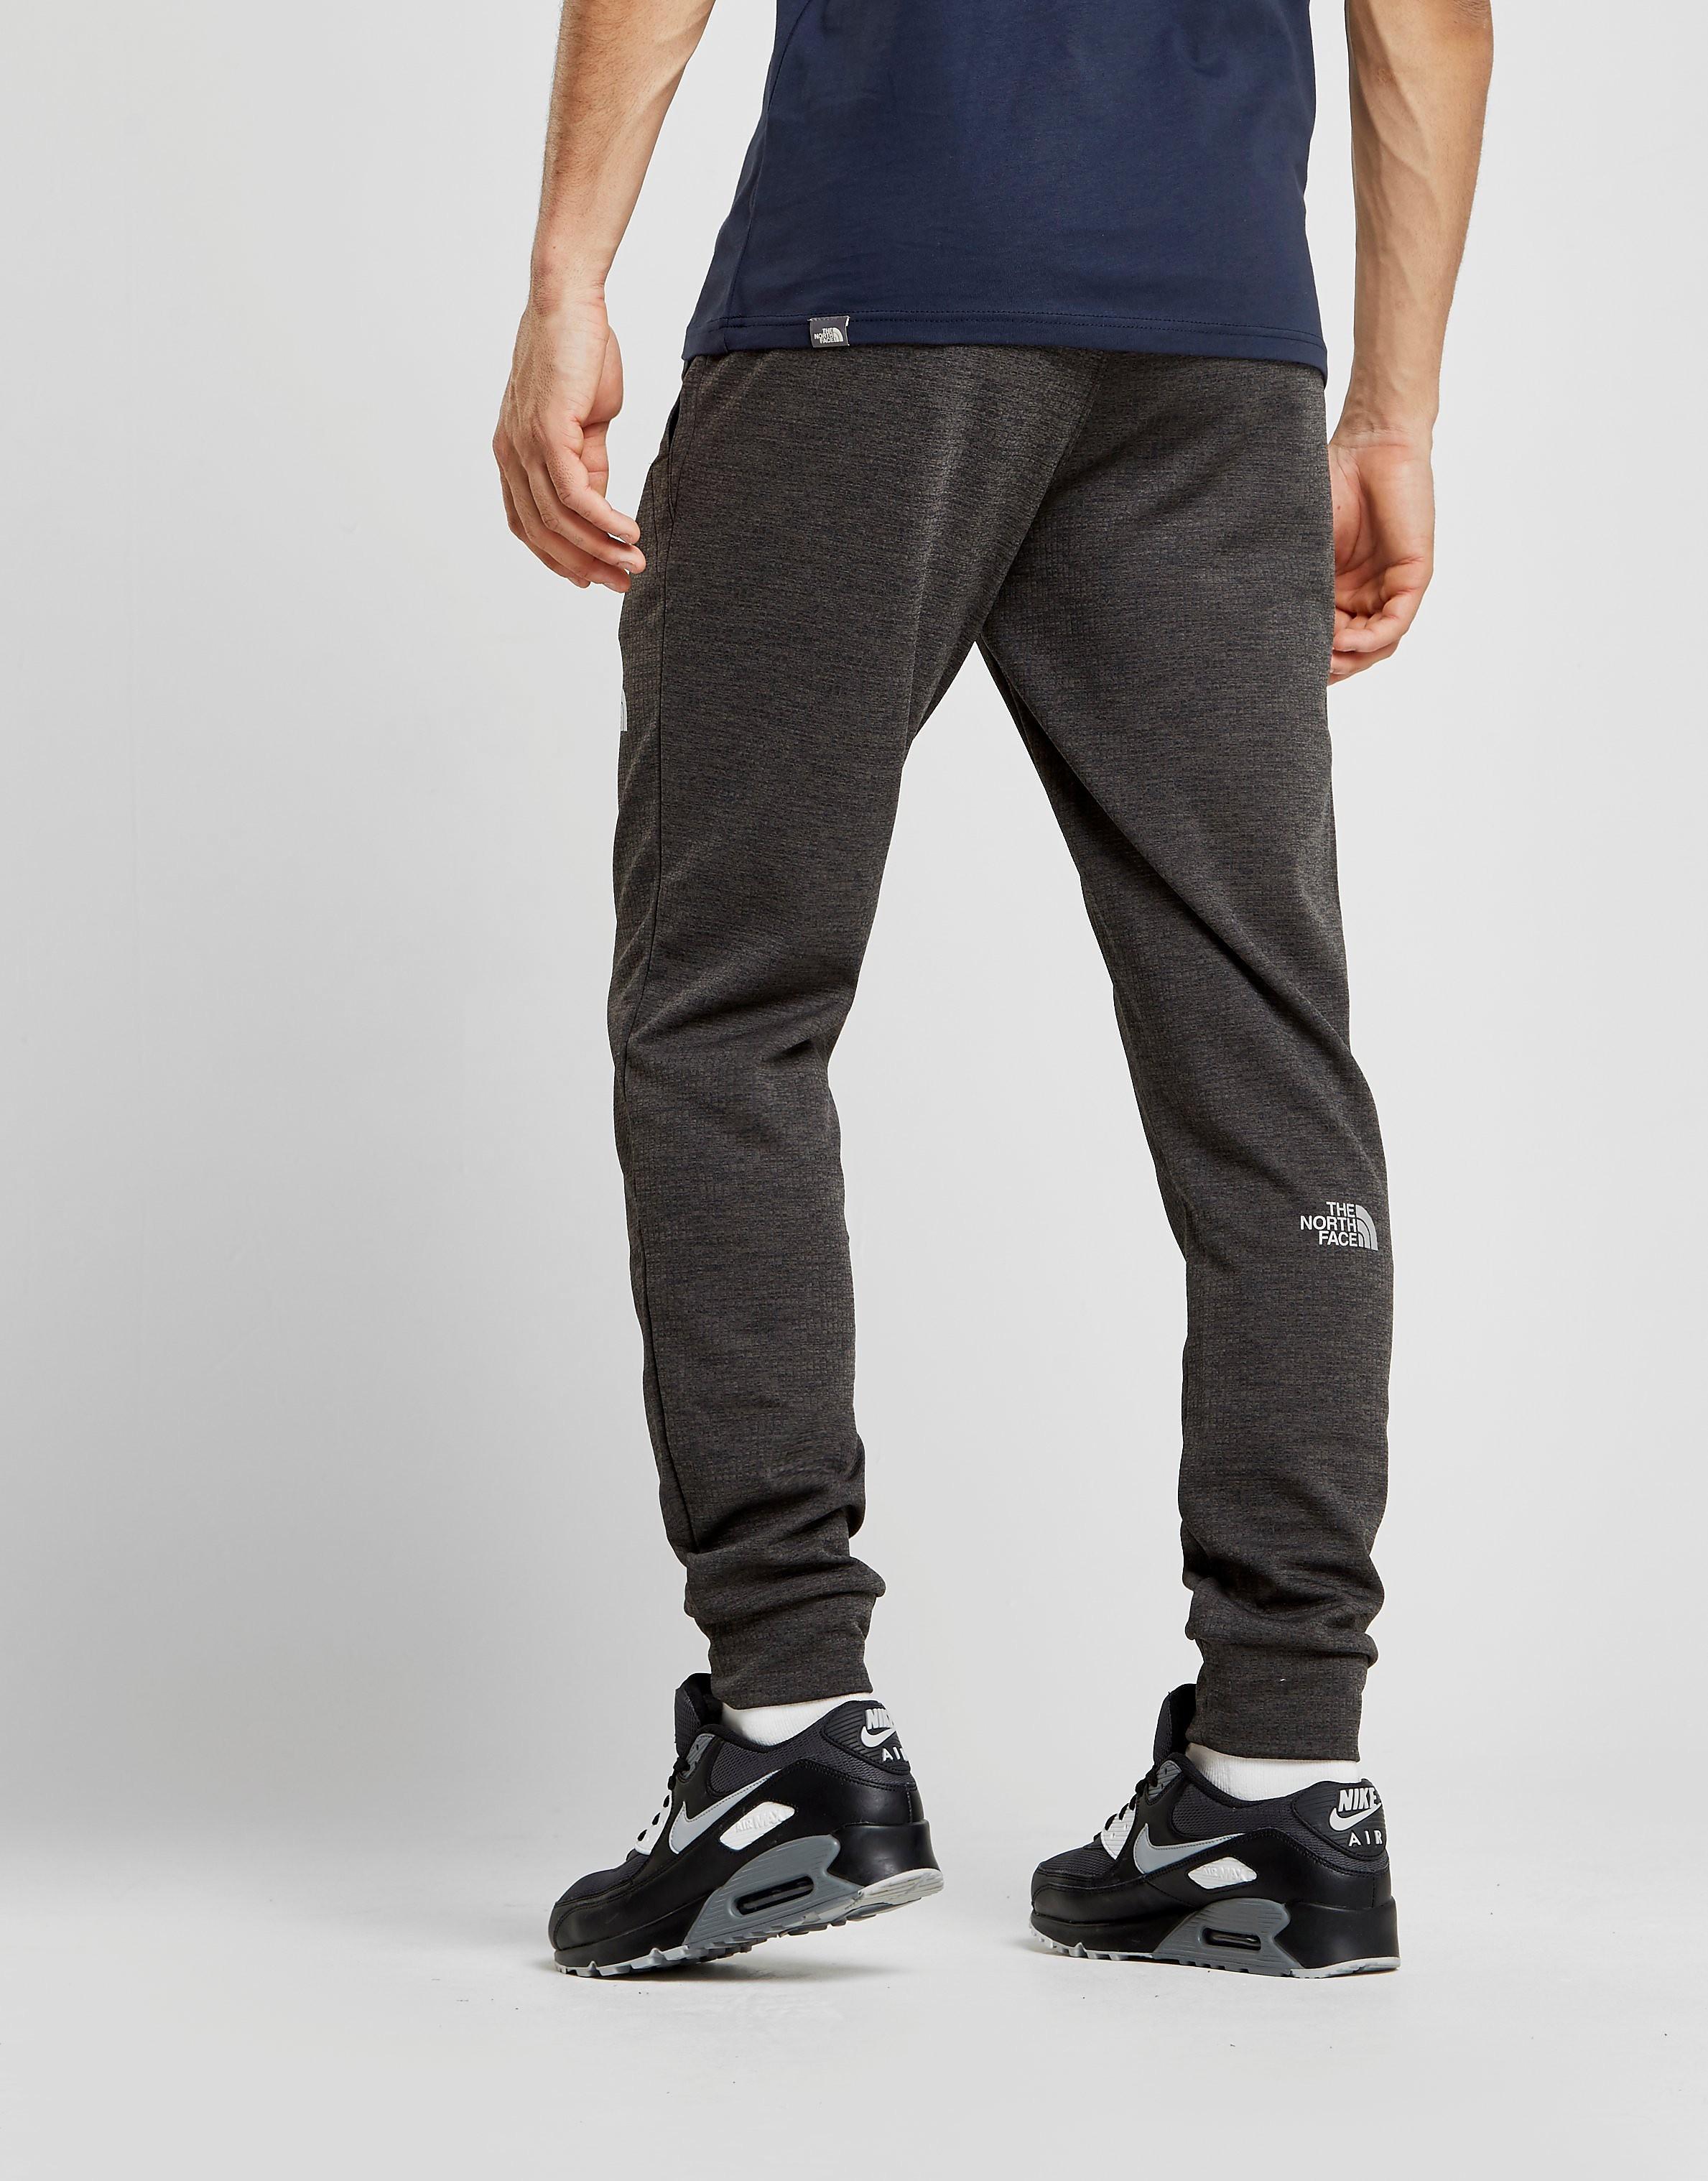 The North Face Tenacious Grid Pants